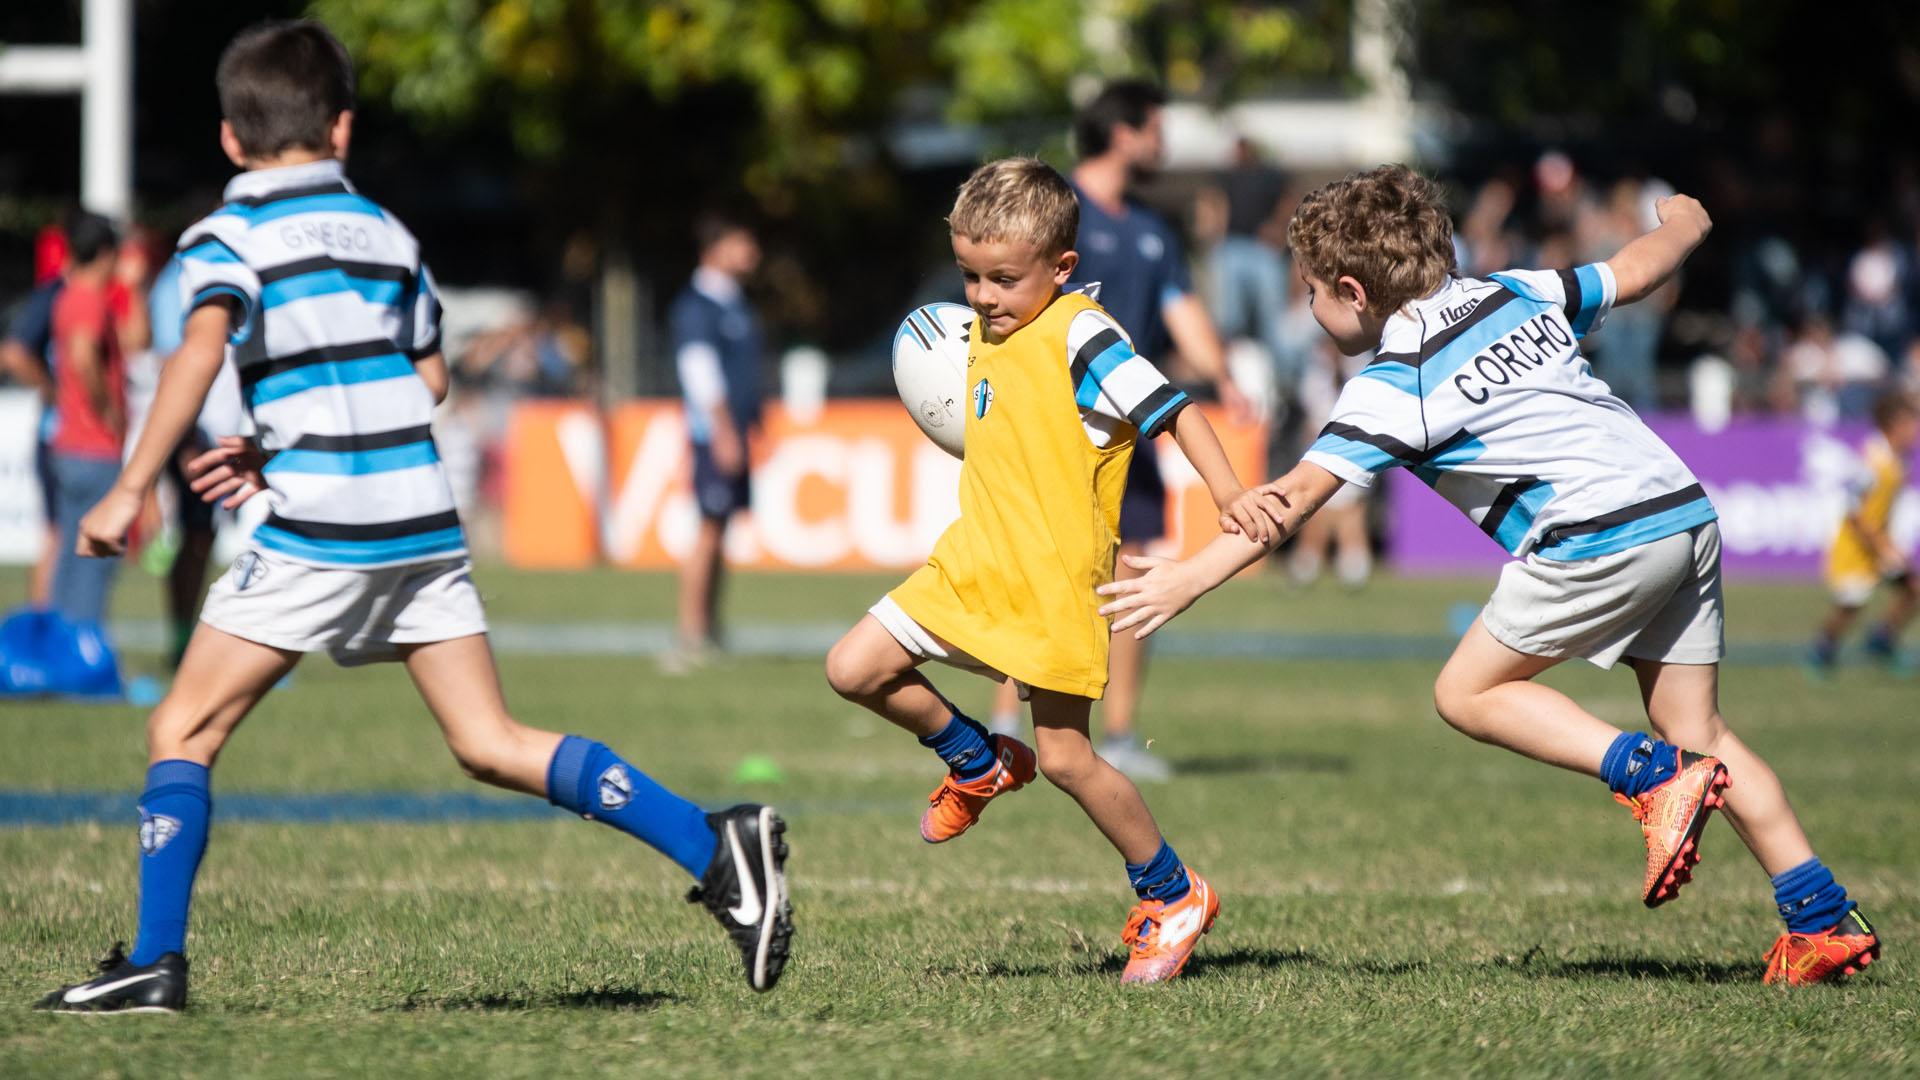 La fiesta del rugby también tuvo lugar para los jugadores que recién empiezan. (Manuel Cortina)